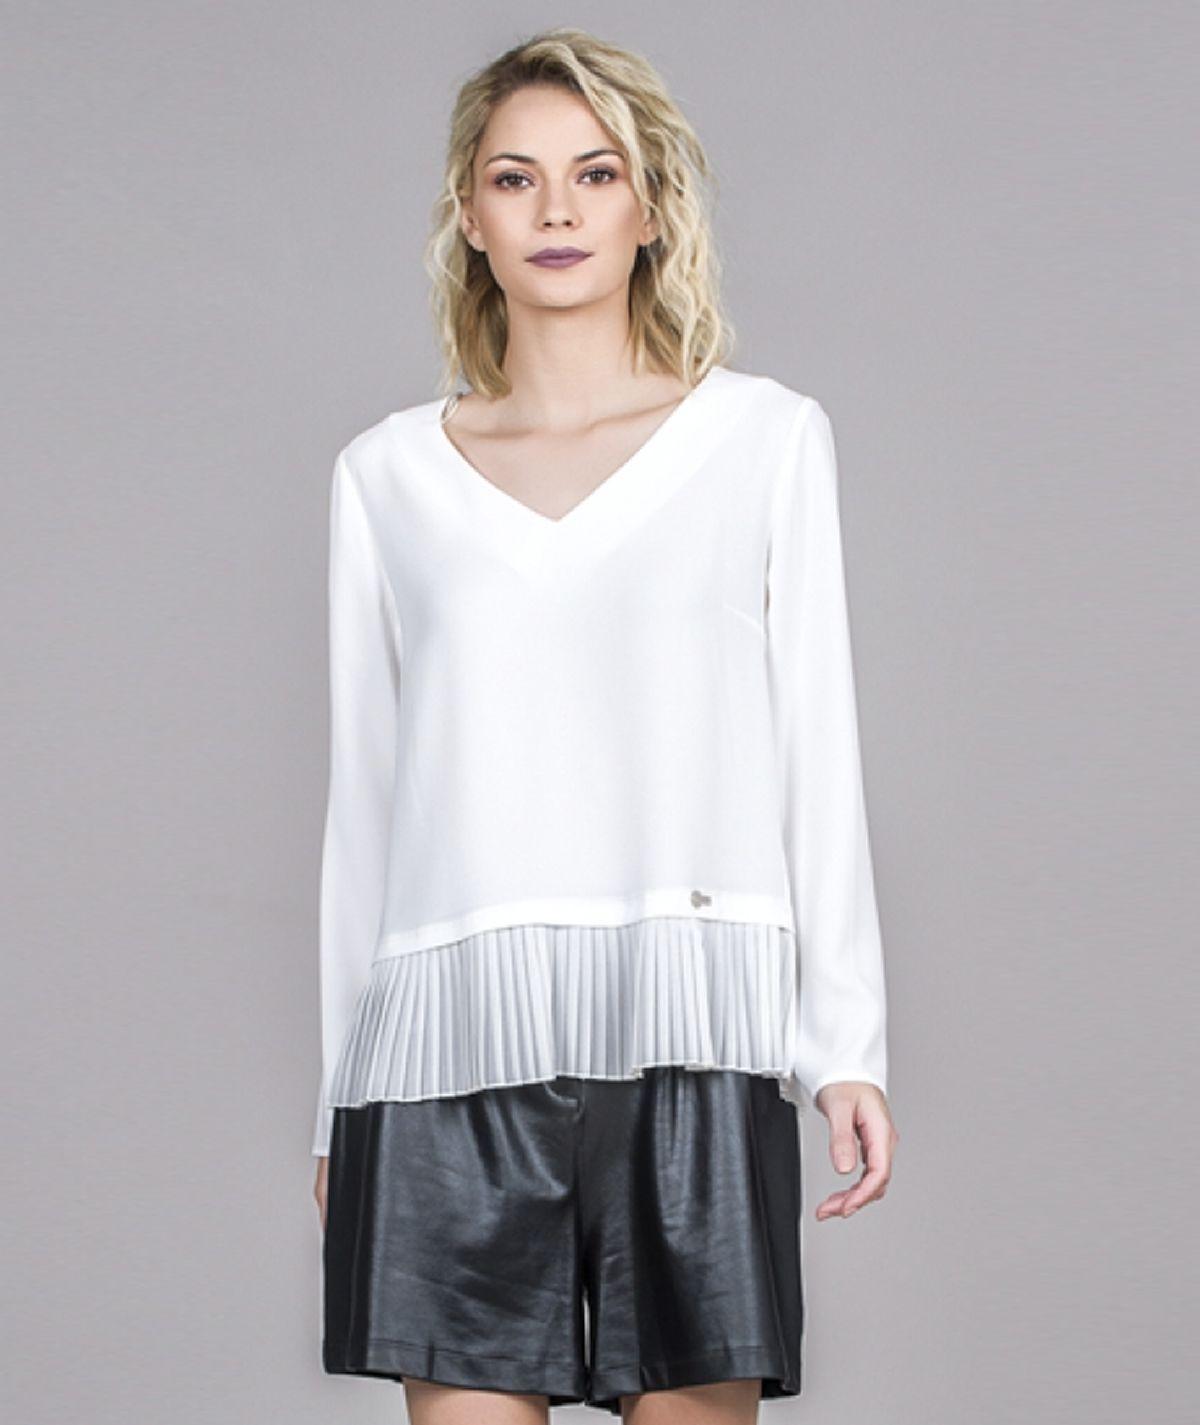 [CHIESSY] Blusa  plissado